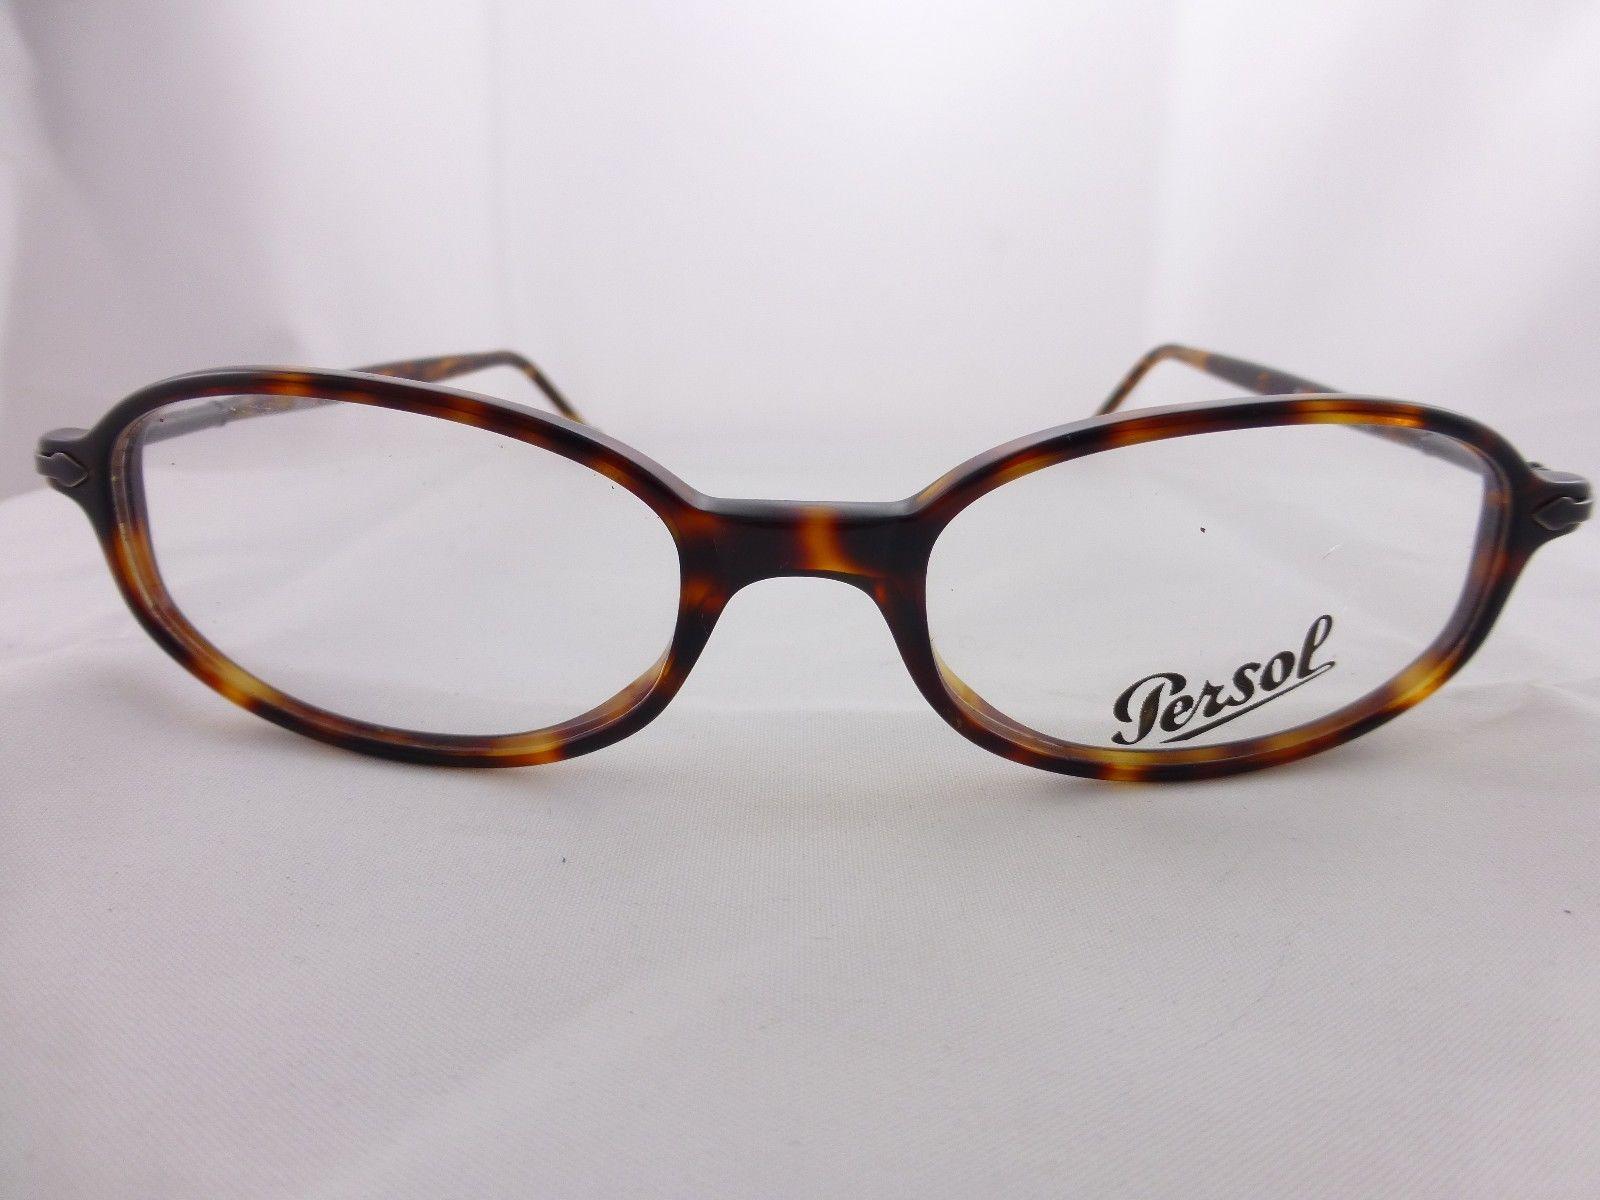 persol eyeglasses nyc www tapdance org